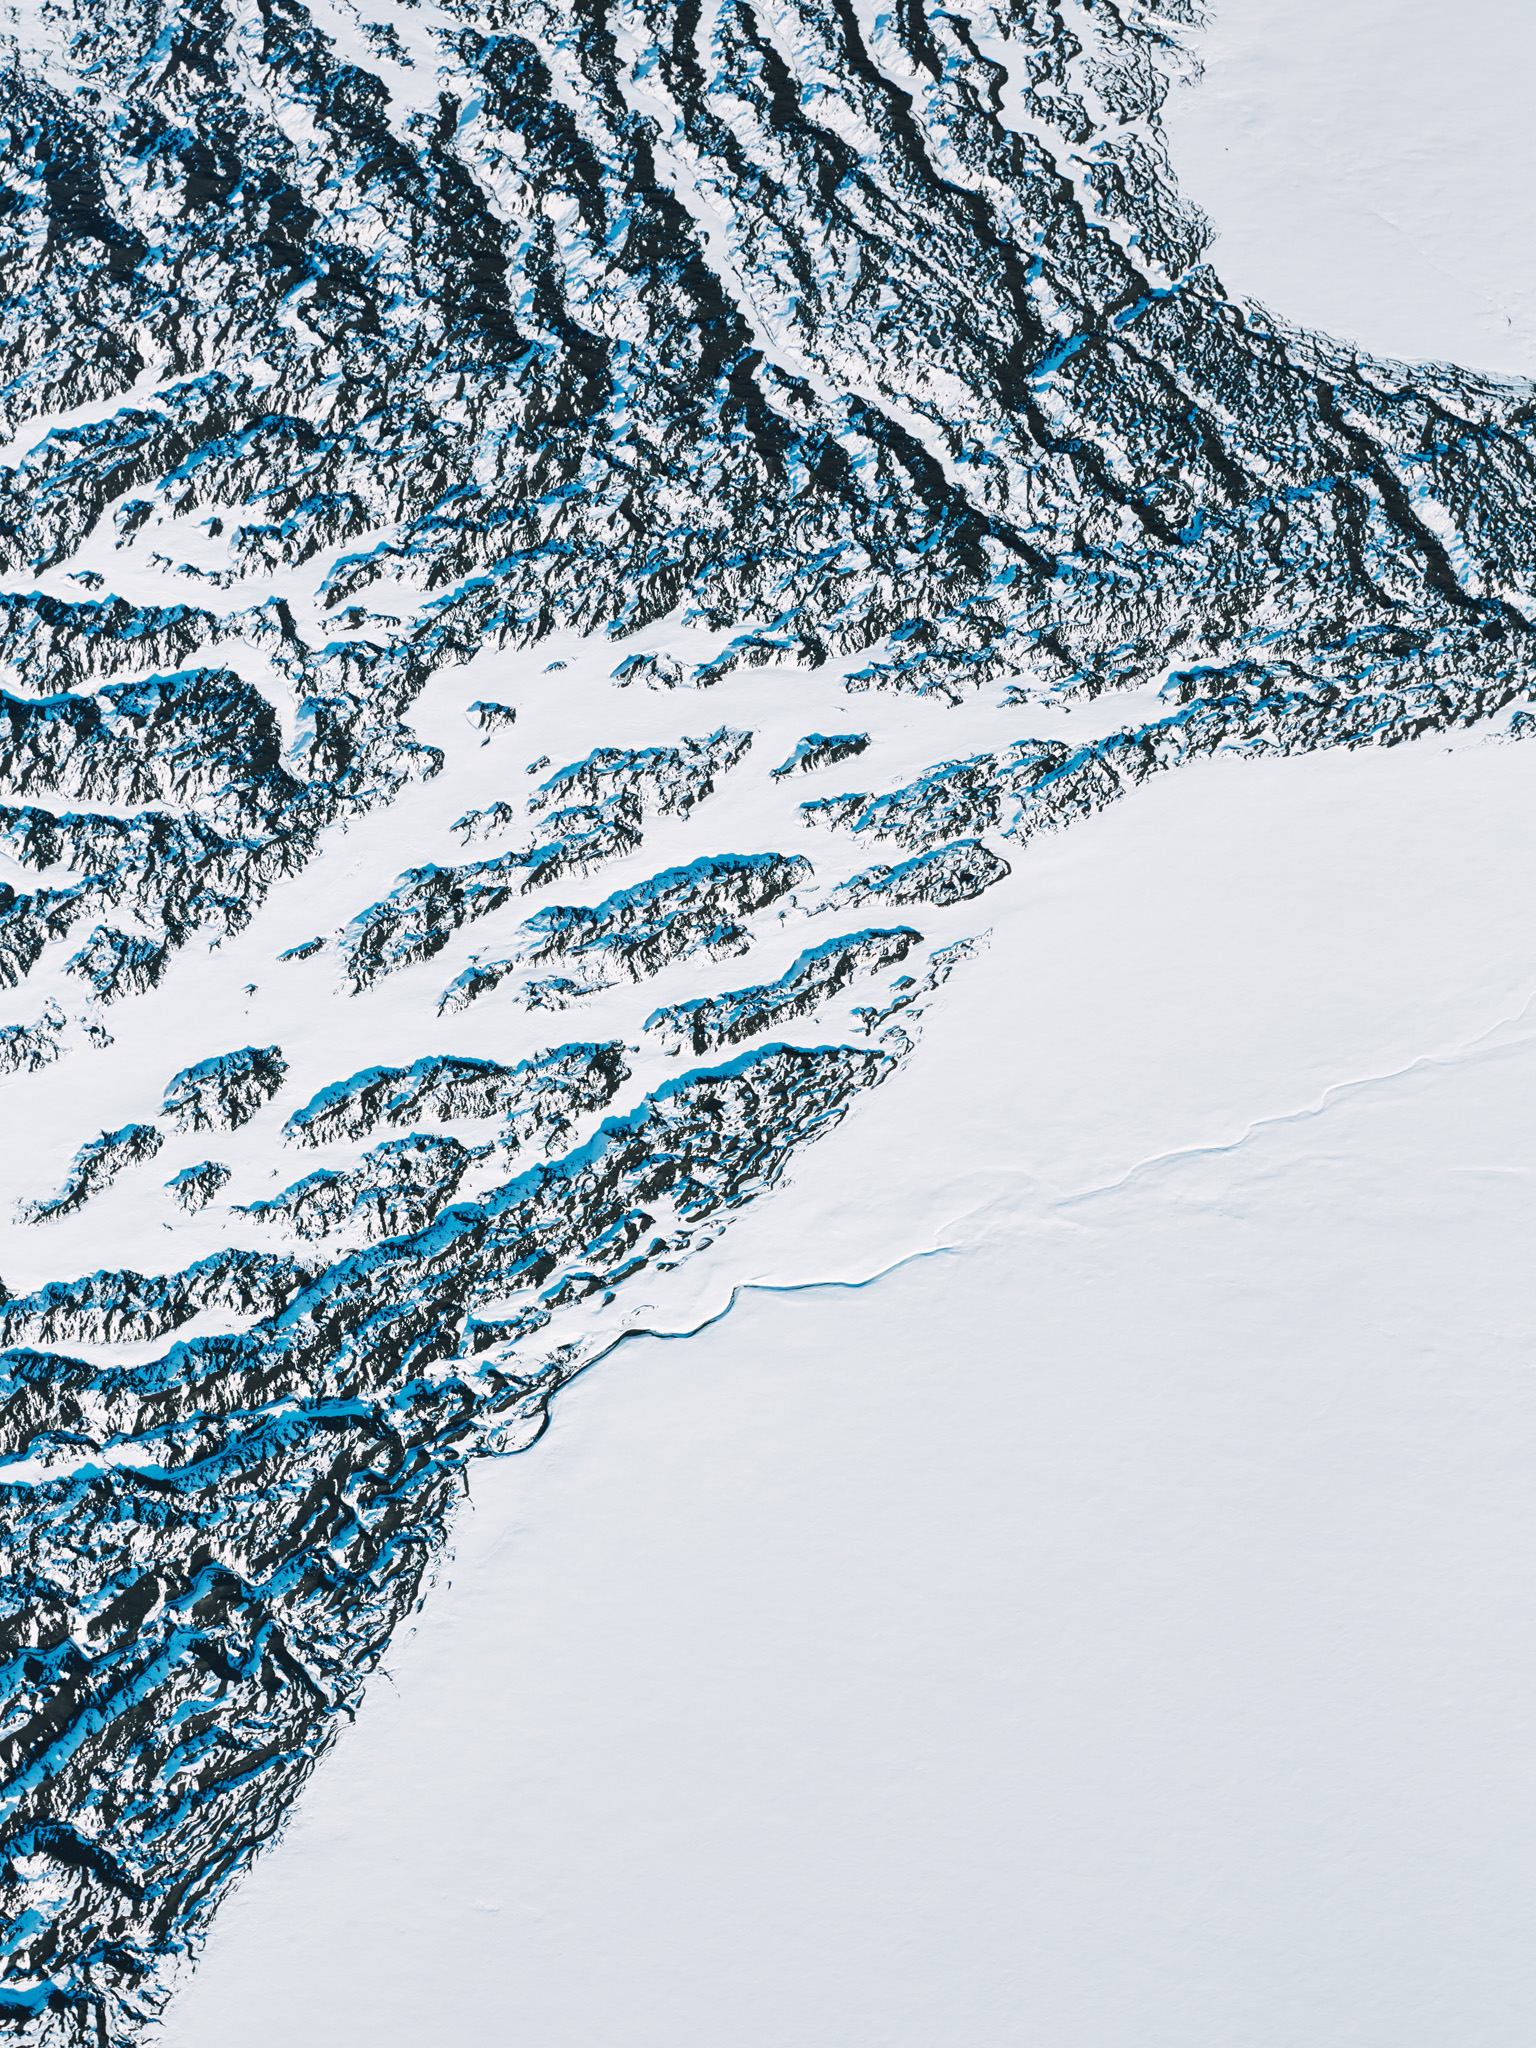 AxelSig_aerial018.jpg